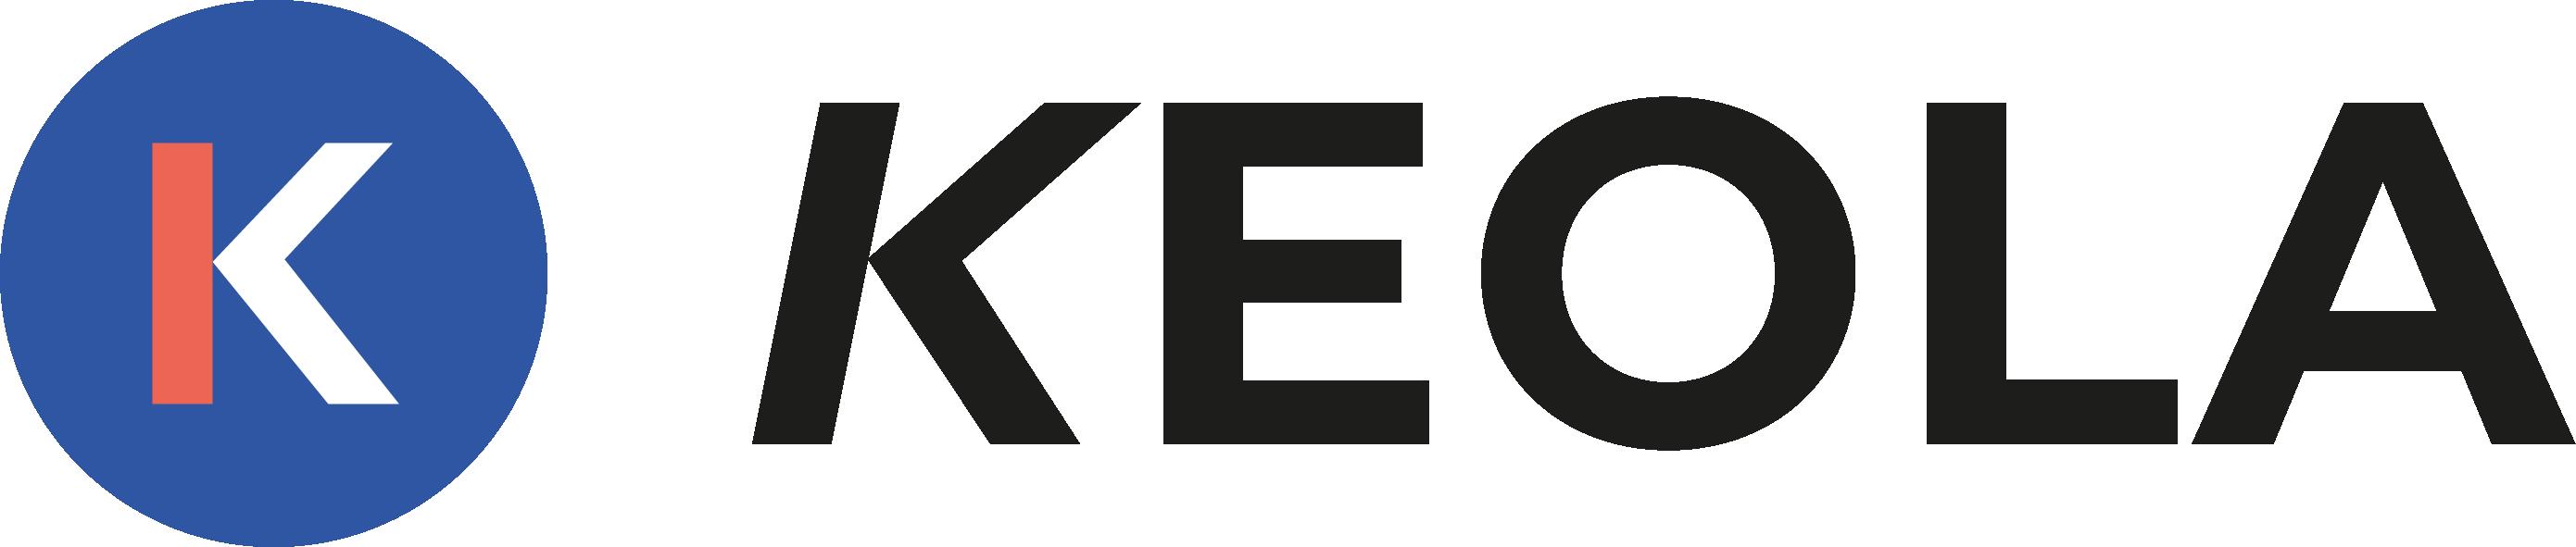 Keola logo